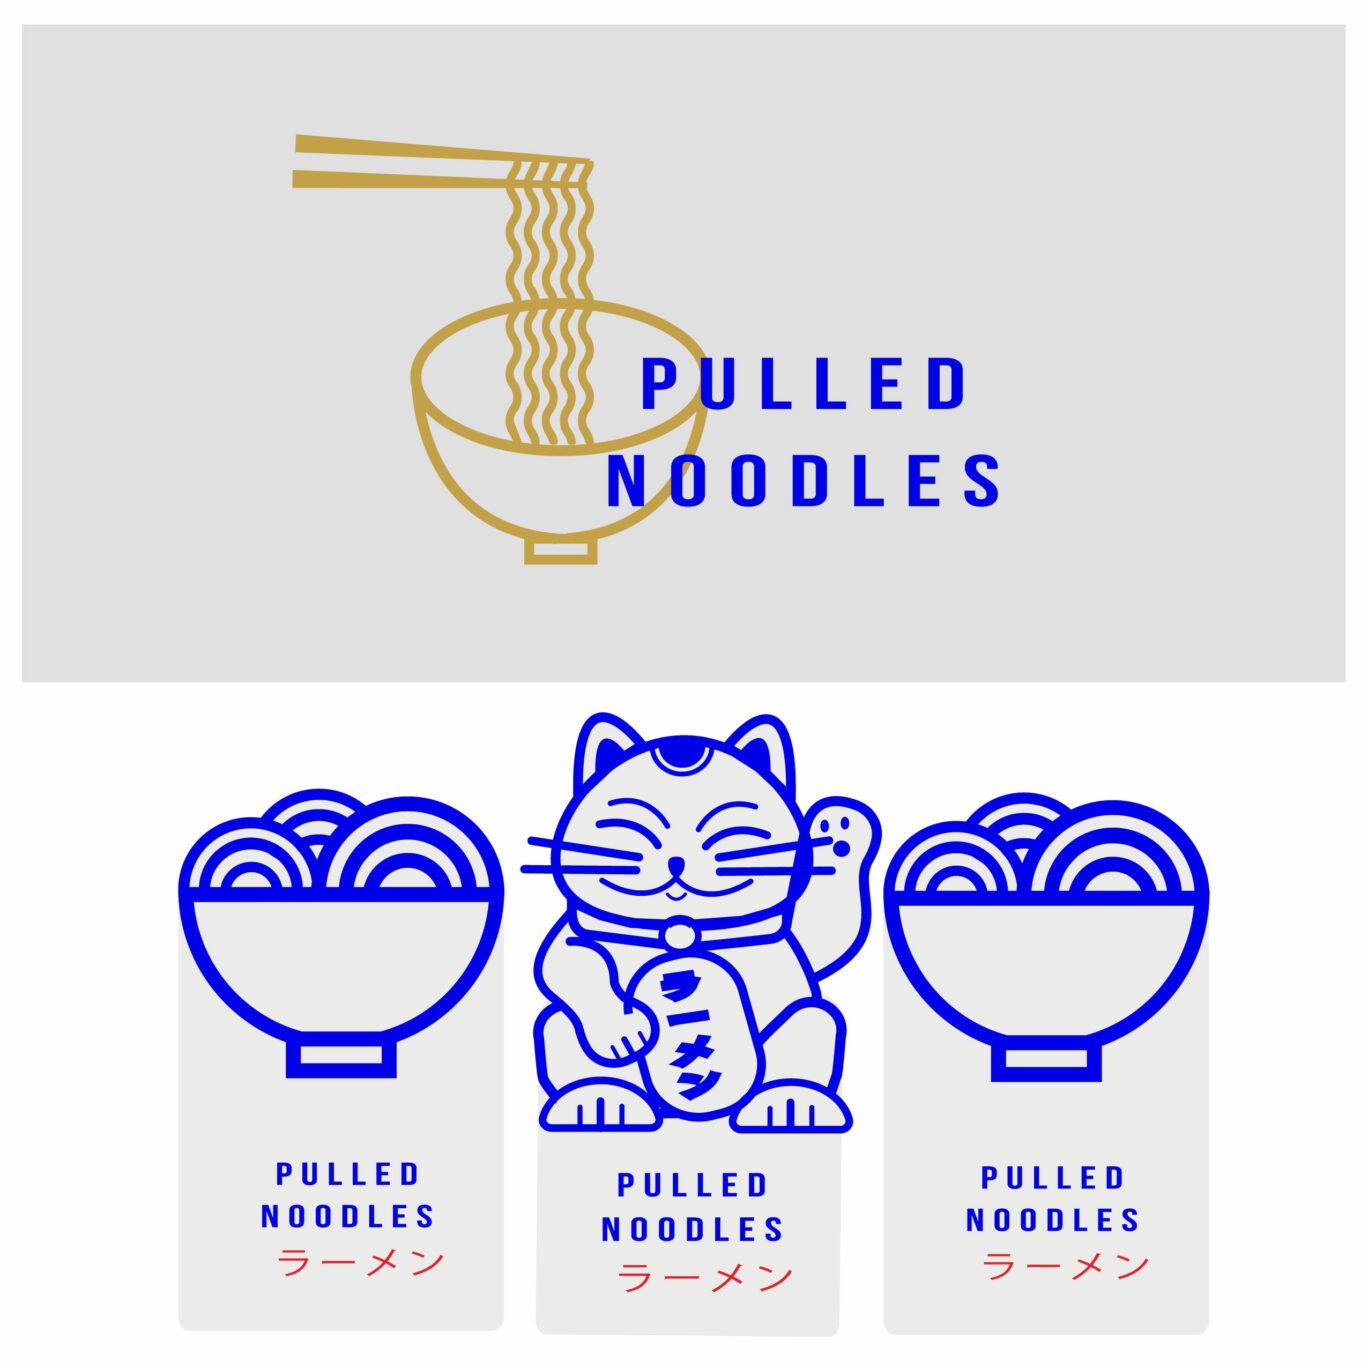 Pulled Noodles